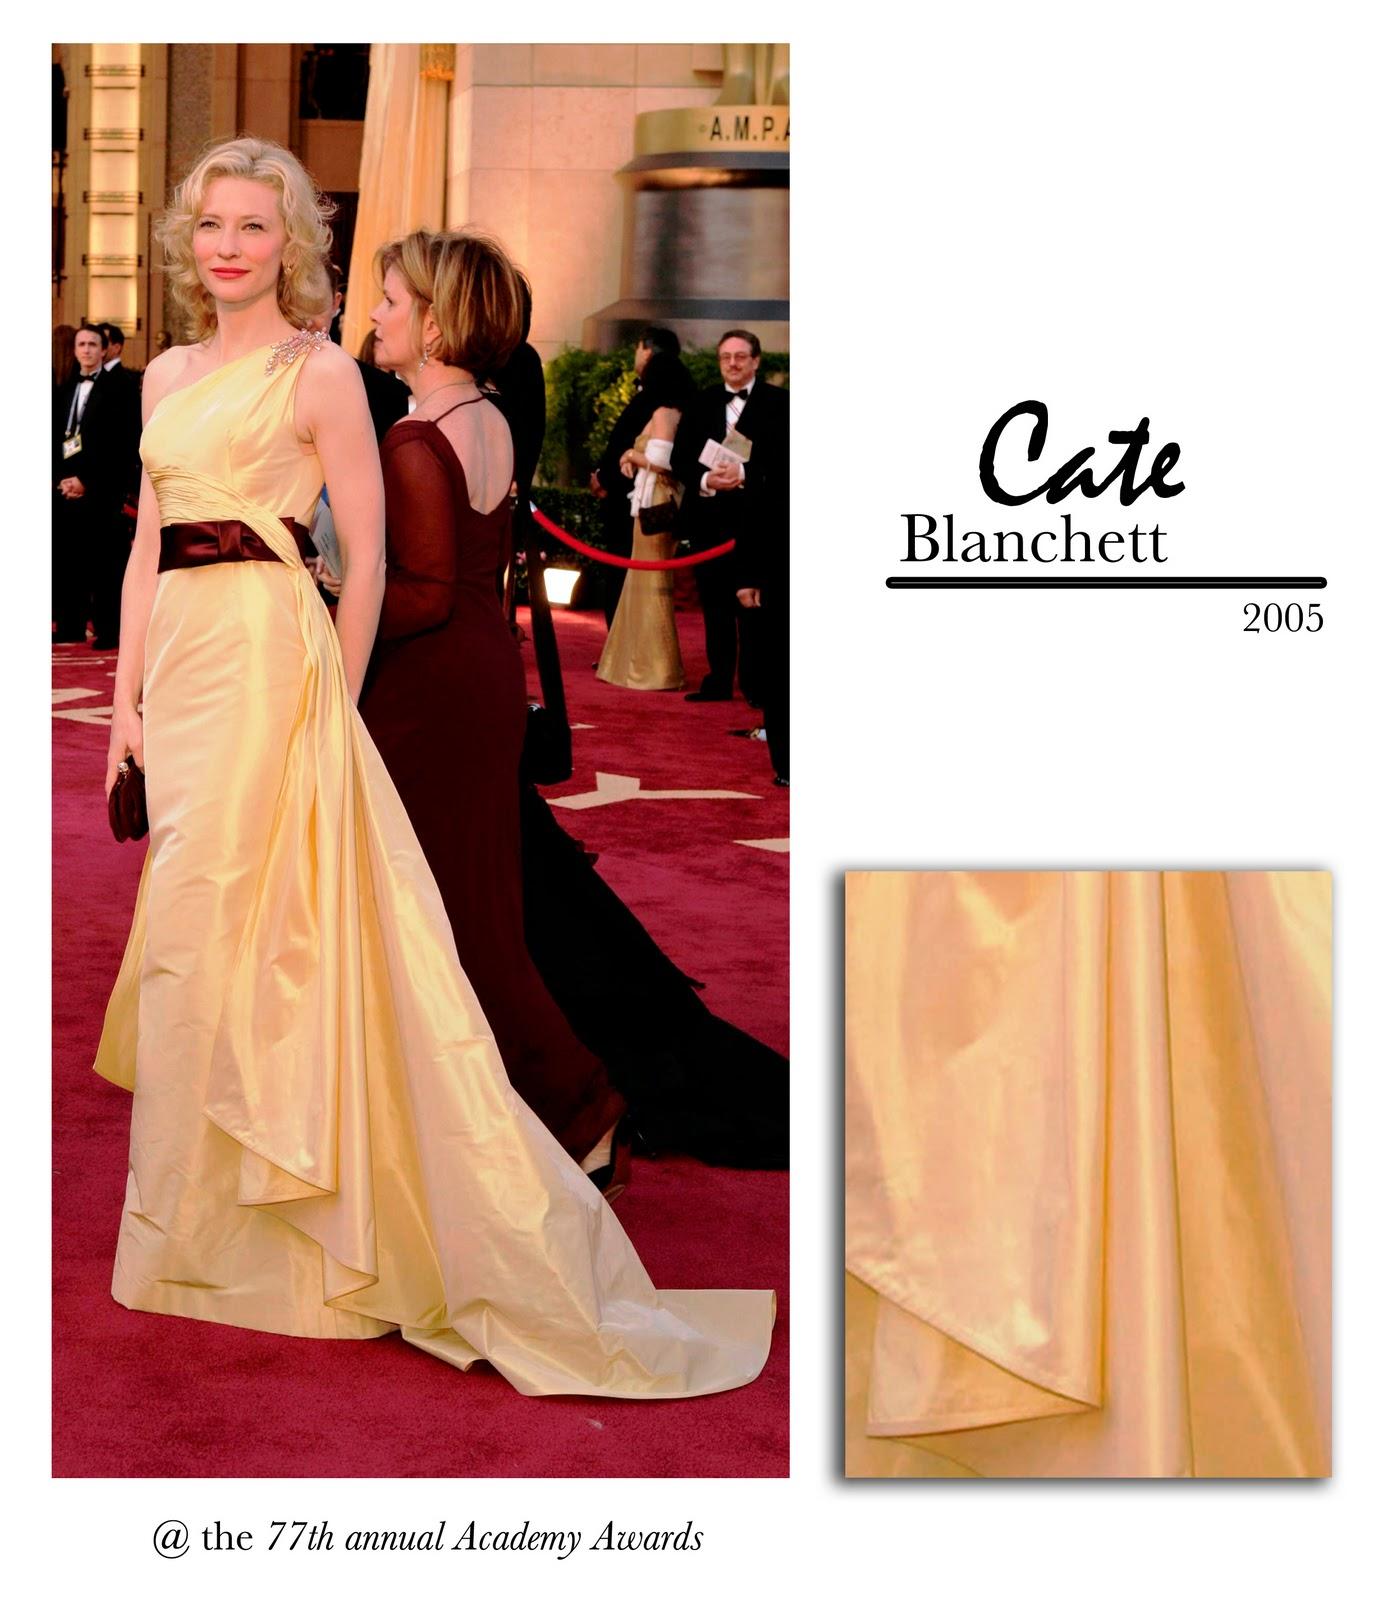 http://3.bp.blogspot.com/_vN9VdXYRtdg/TOtpZFp-ceI/AAAAAAAAAcE/OVj07sg9TKM/s1600/Blanchett.jpg